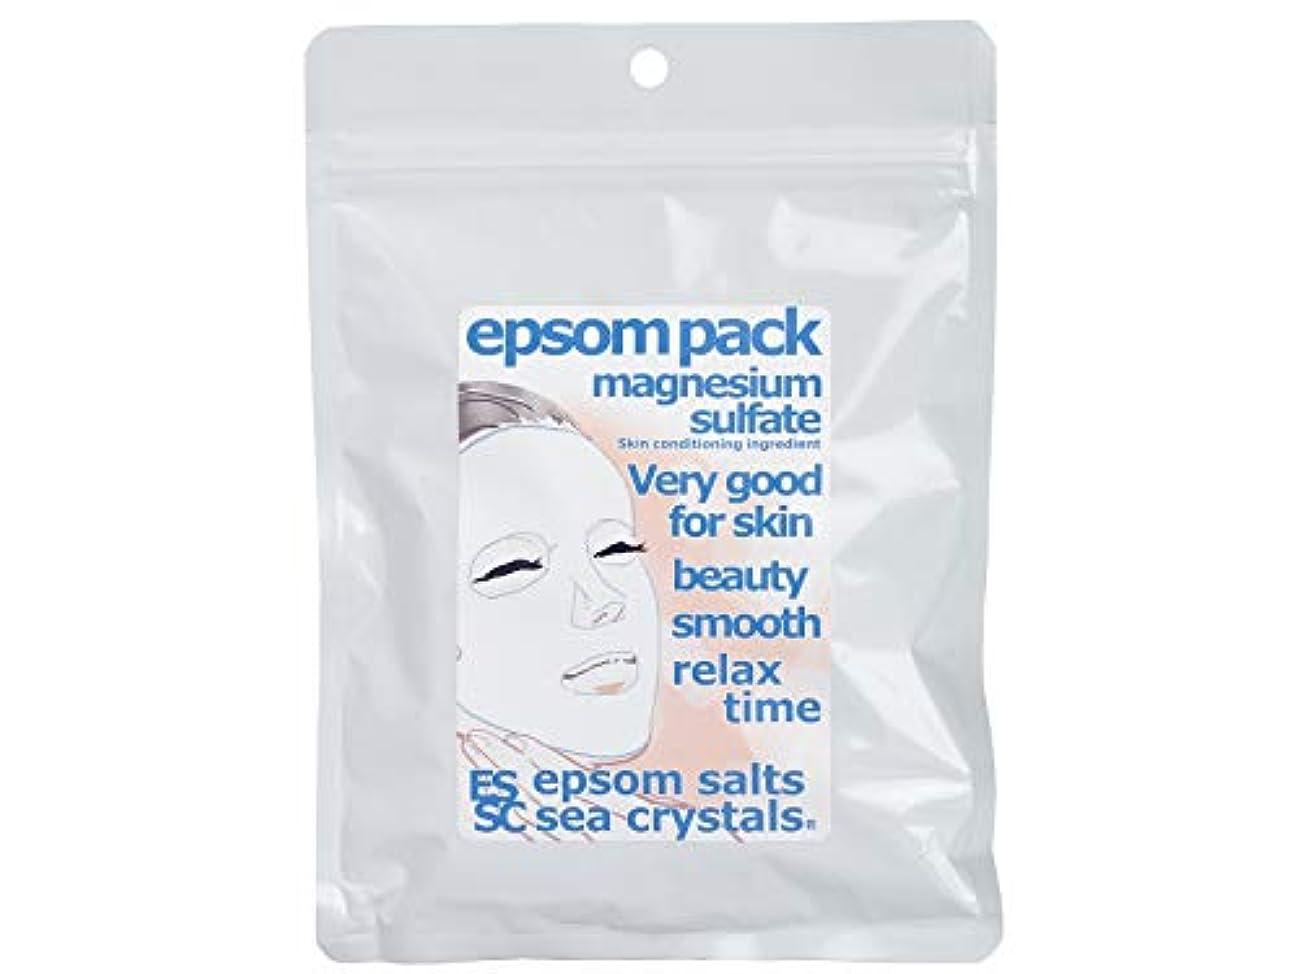 昼寝に対してコートシークリスタル エプソムパック エプソムソルト が パック になりました